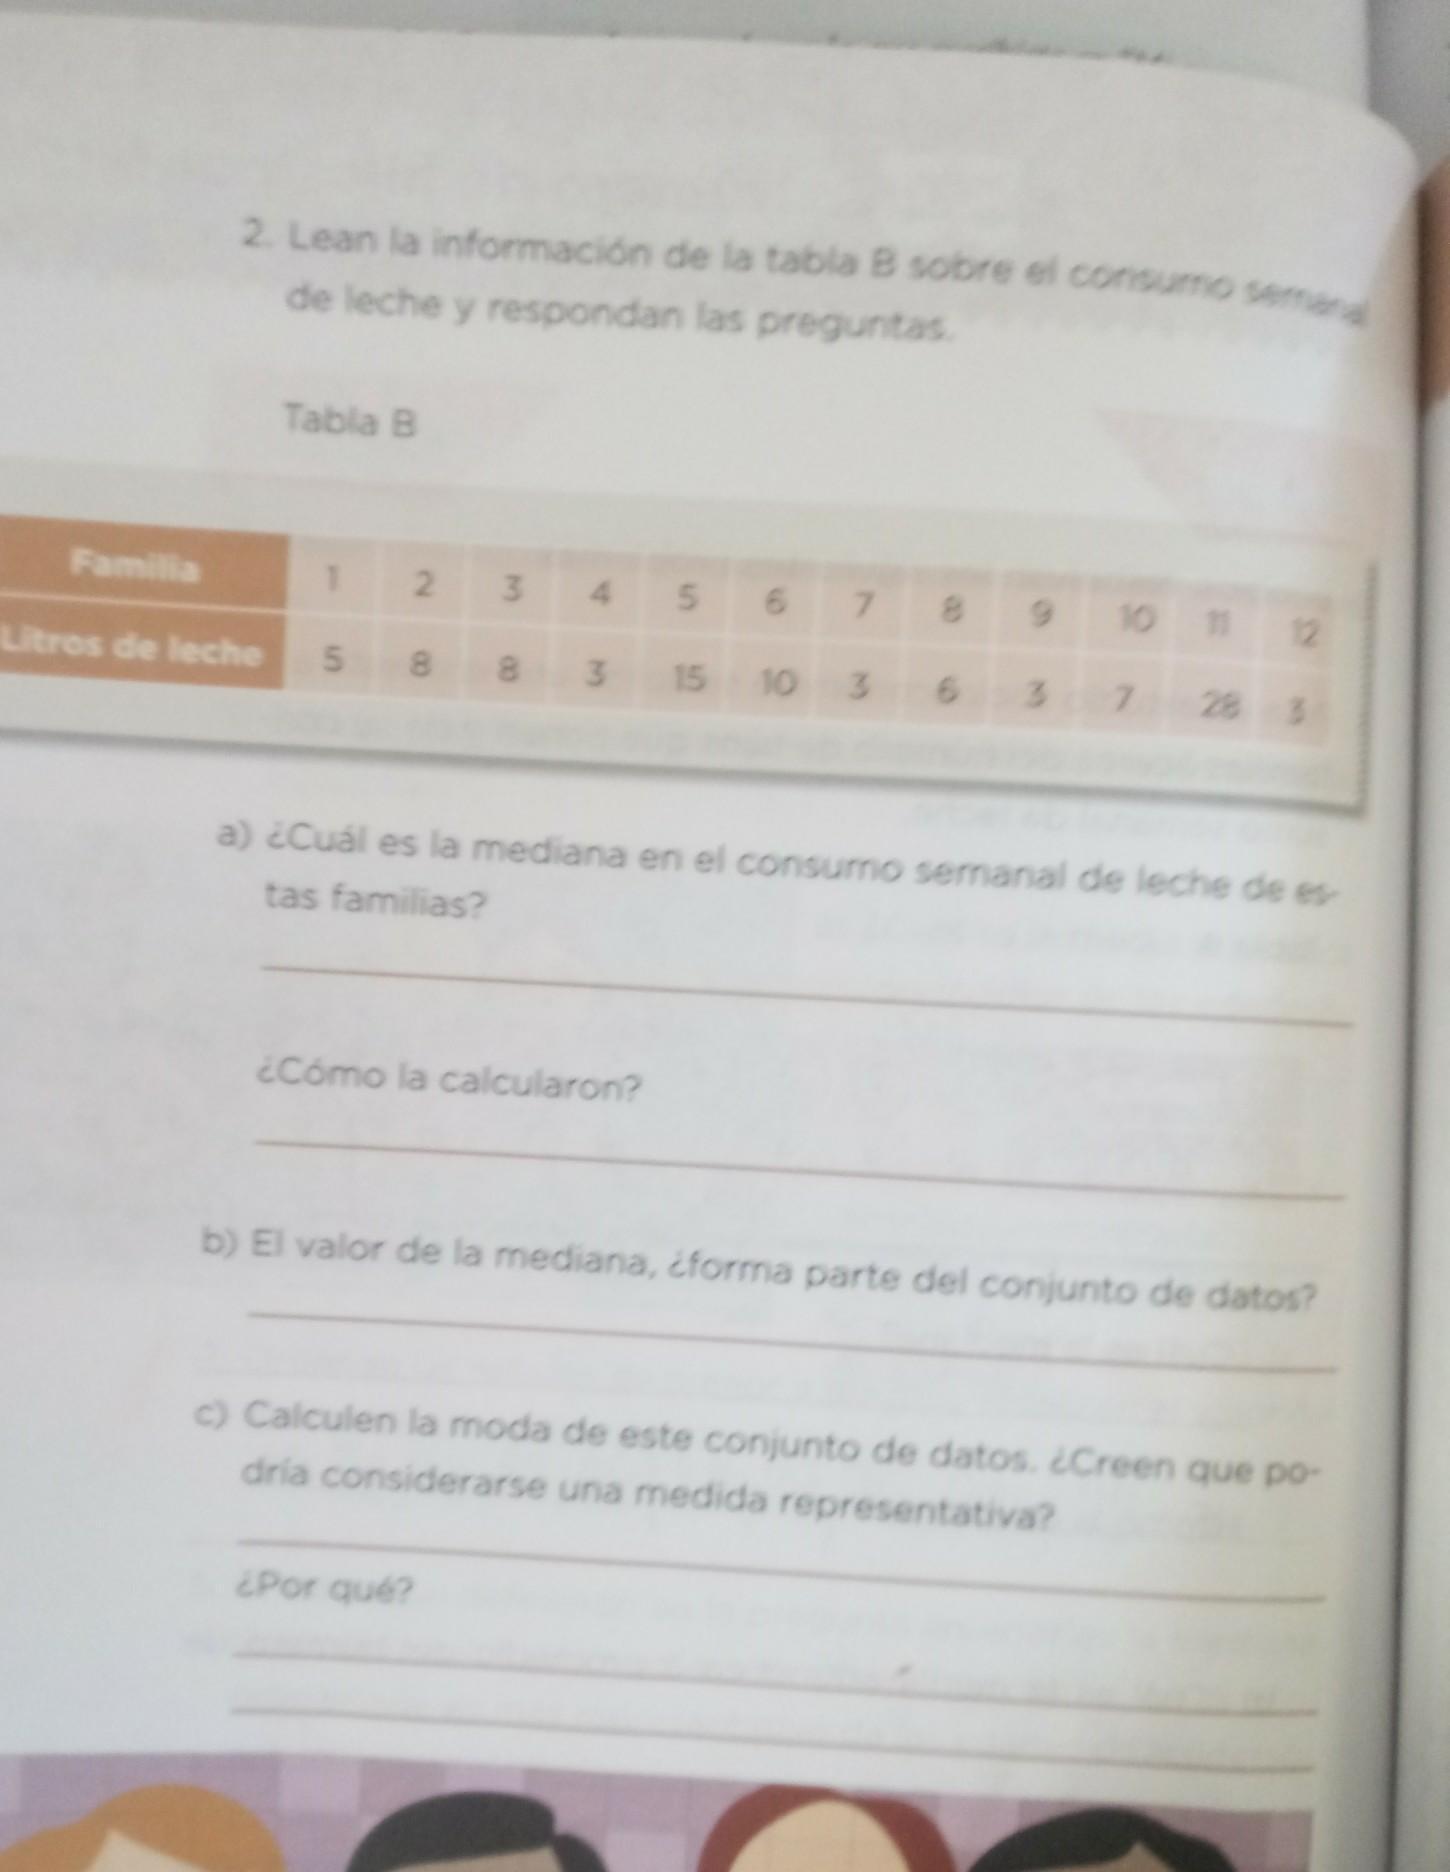 Pagina 105 Y 106 Del Libro De Matematicas De Sexto Grado Contestada Plis Brainly Lat